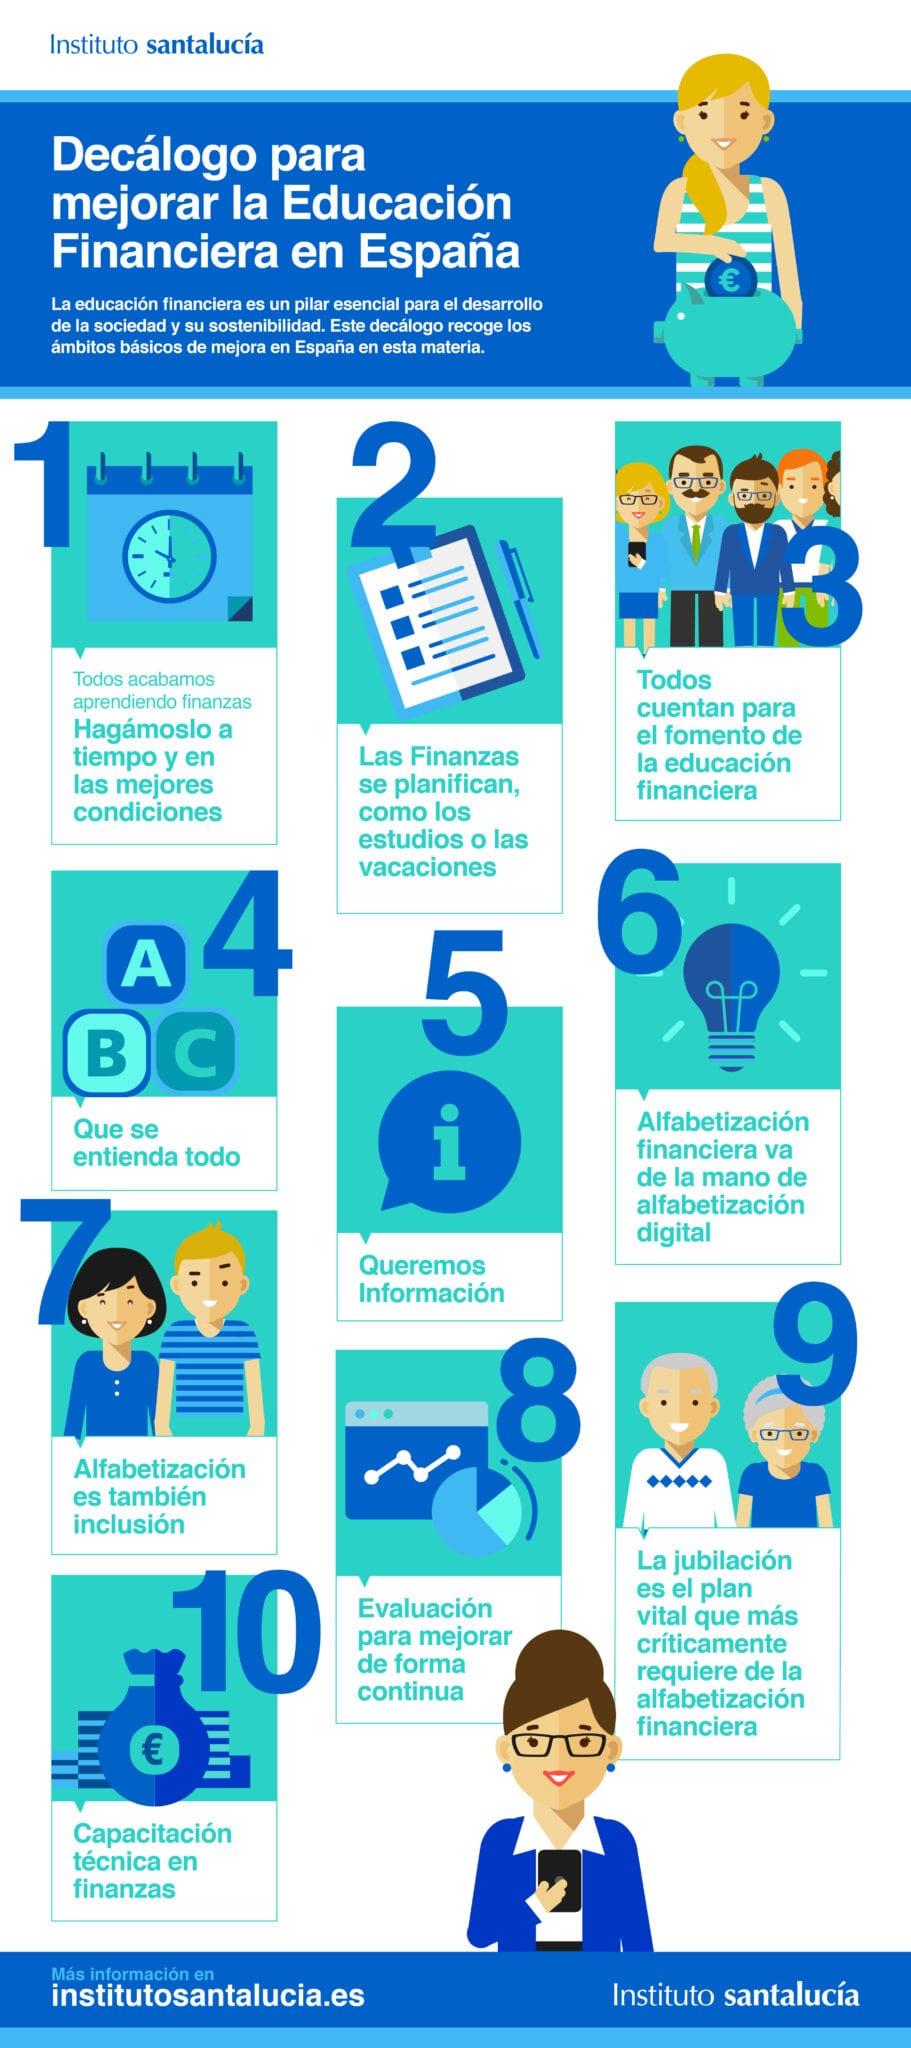 decalogo-para-mejorar-la-educacion-financiera-en-espana